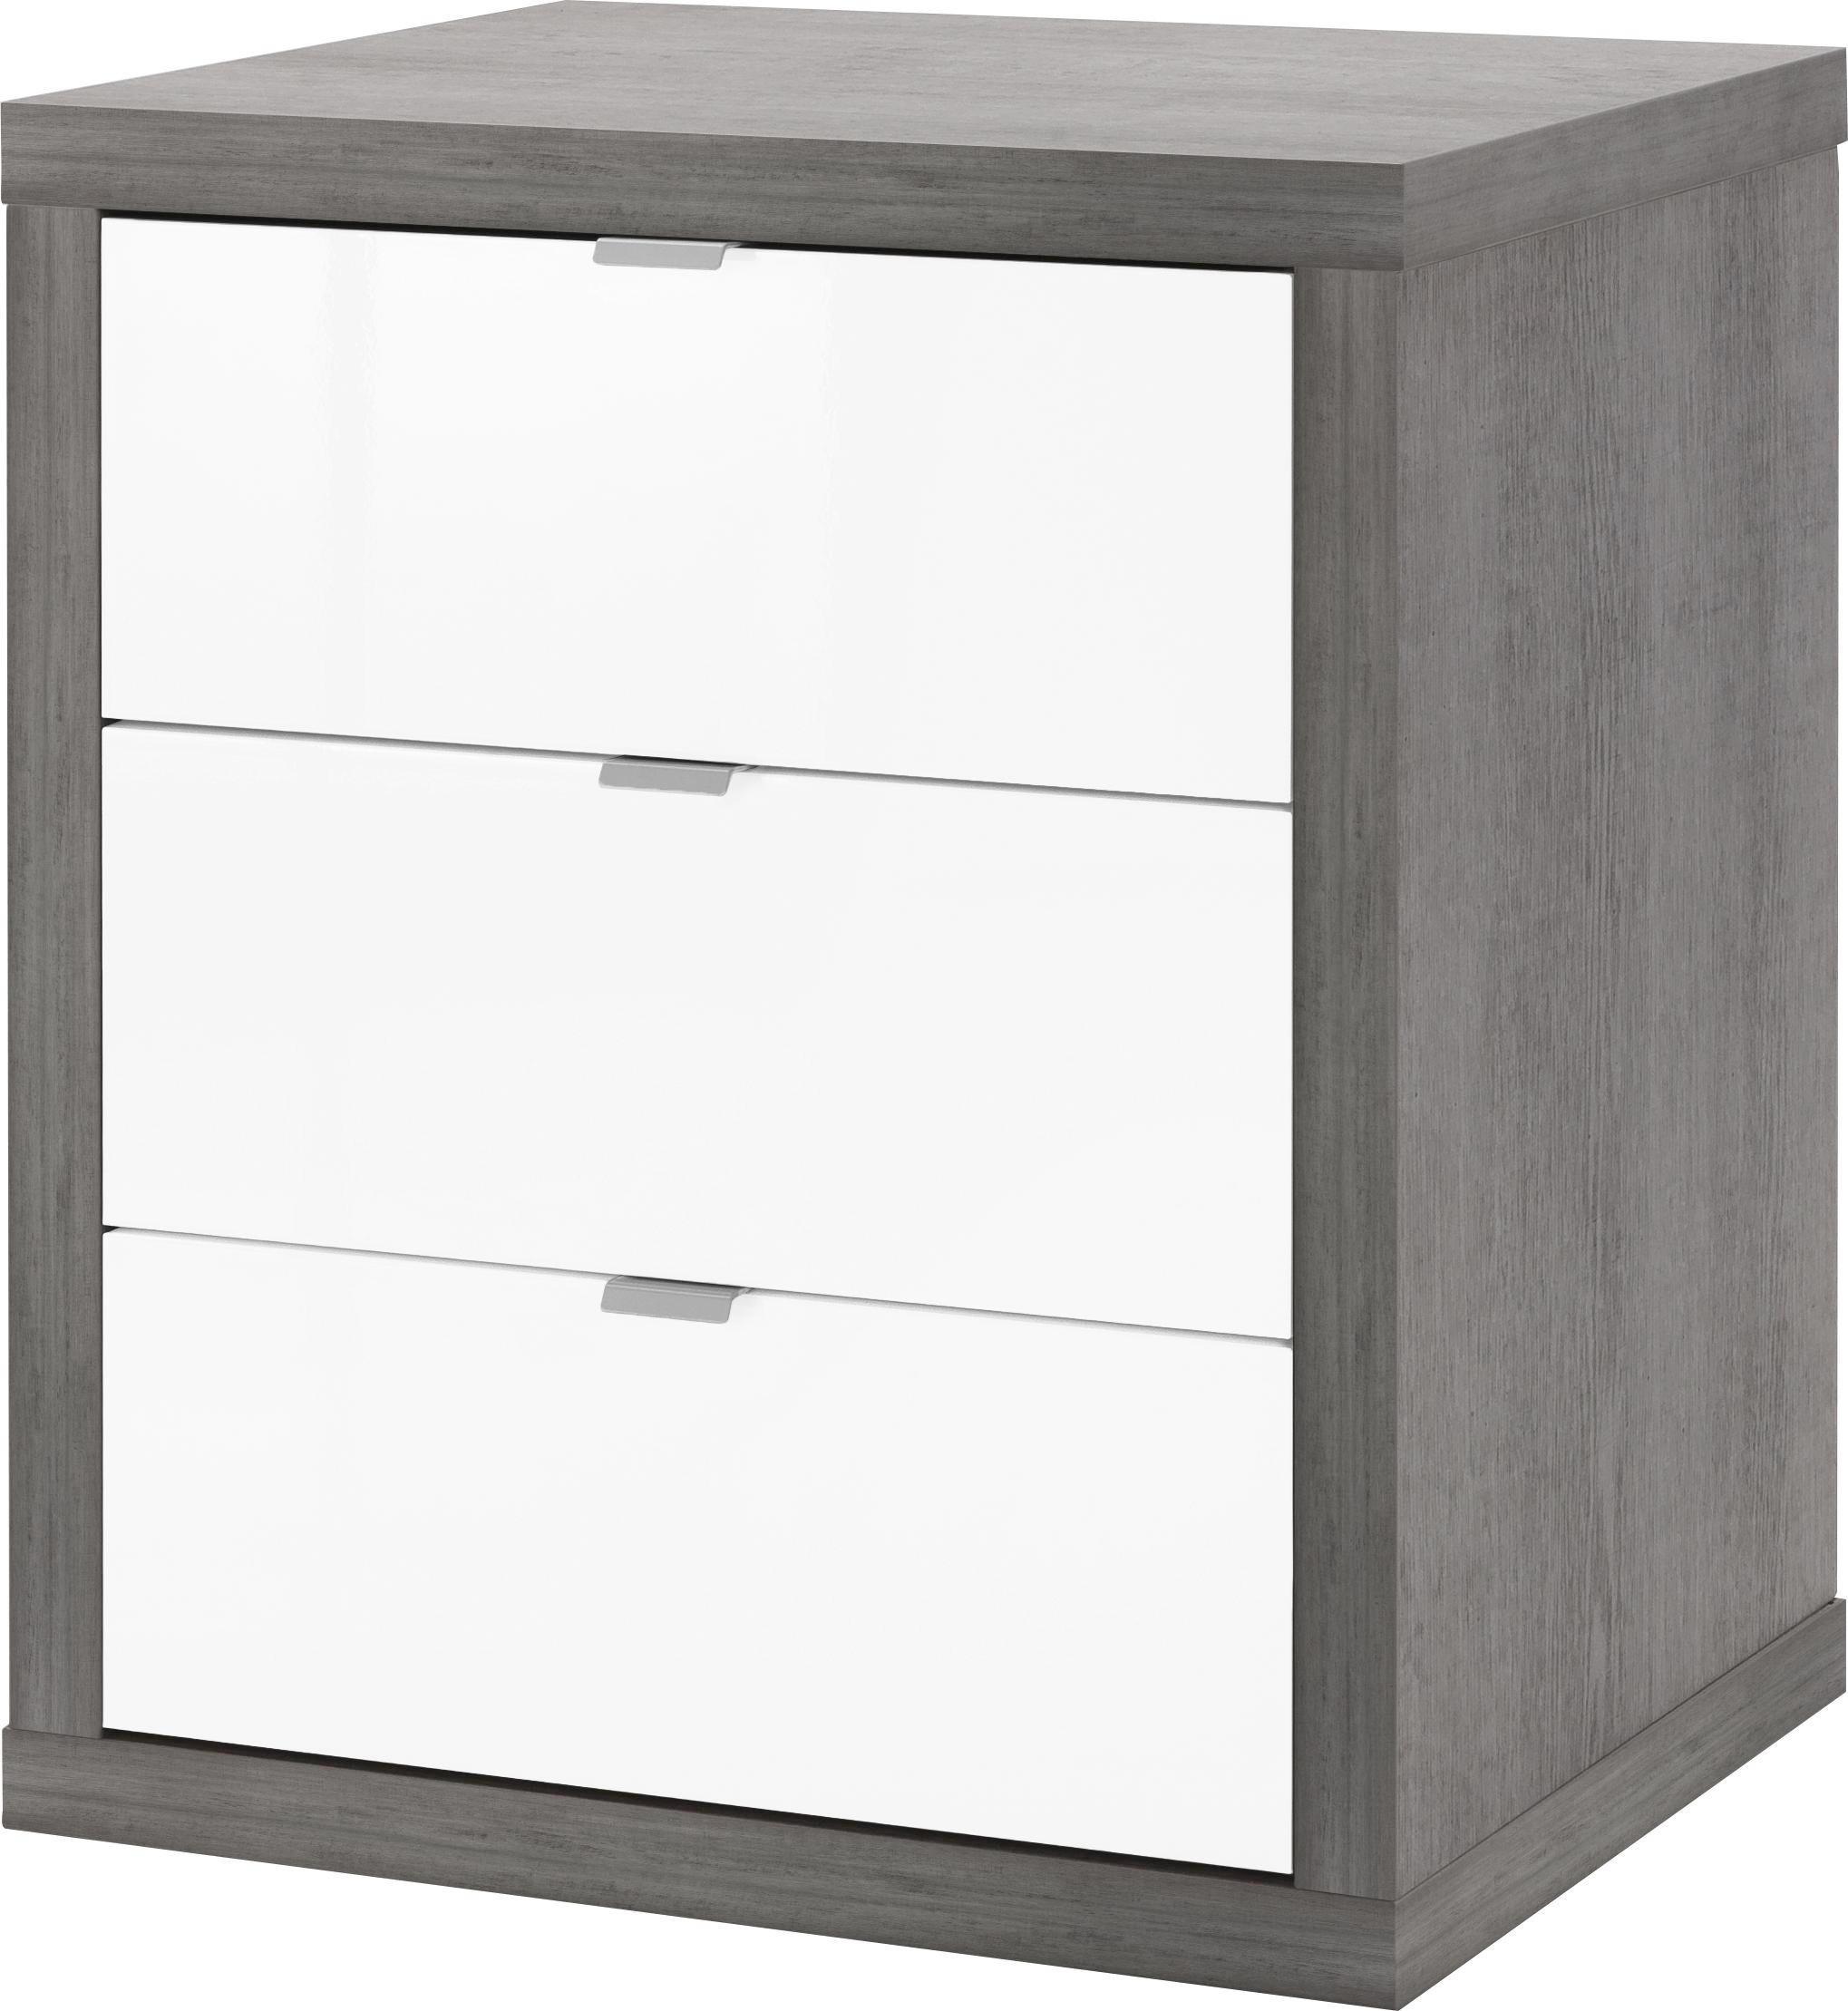 Rollcontainer metall  ROLLCONTAINER Grau, Weiß online kaufen ➤ XXXLShop